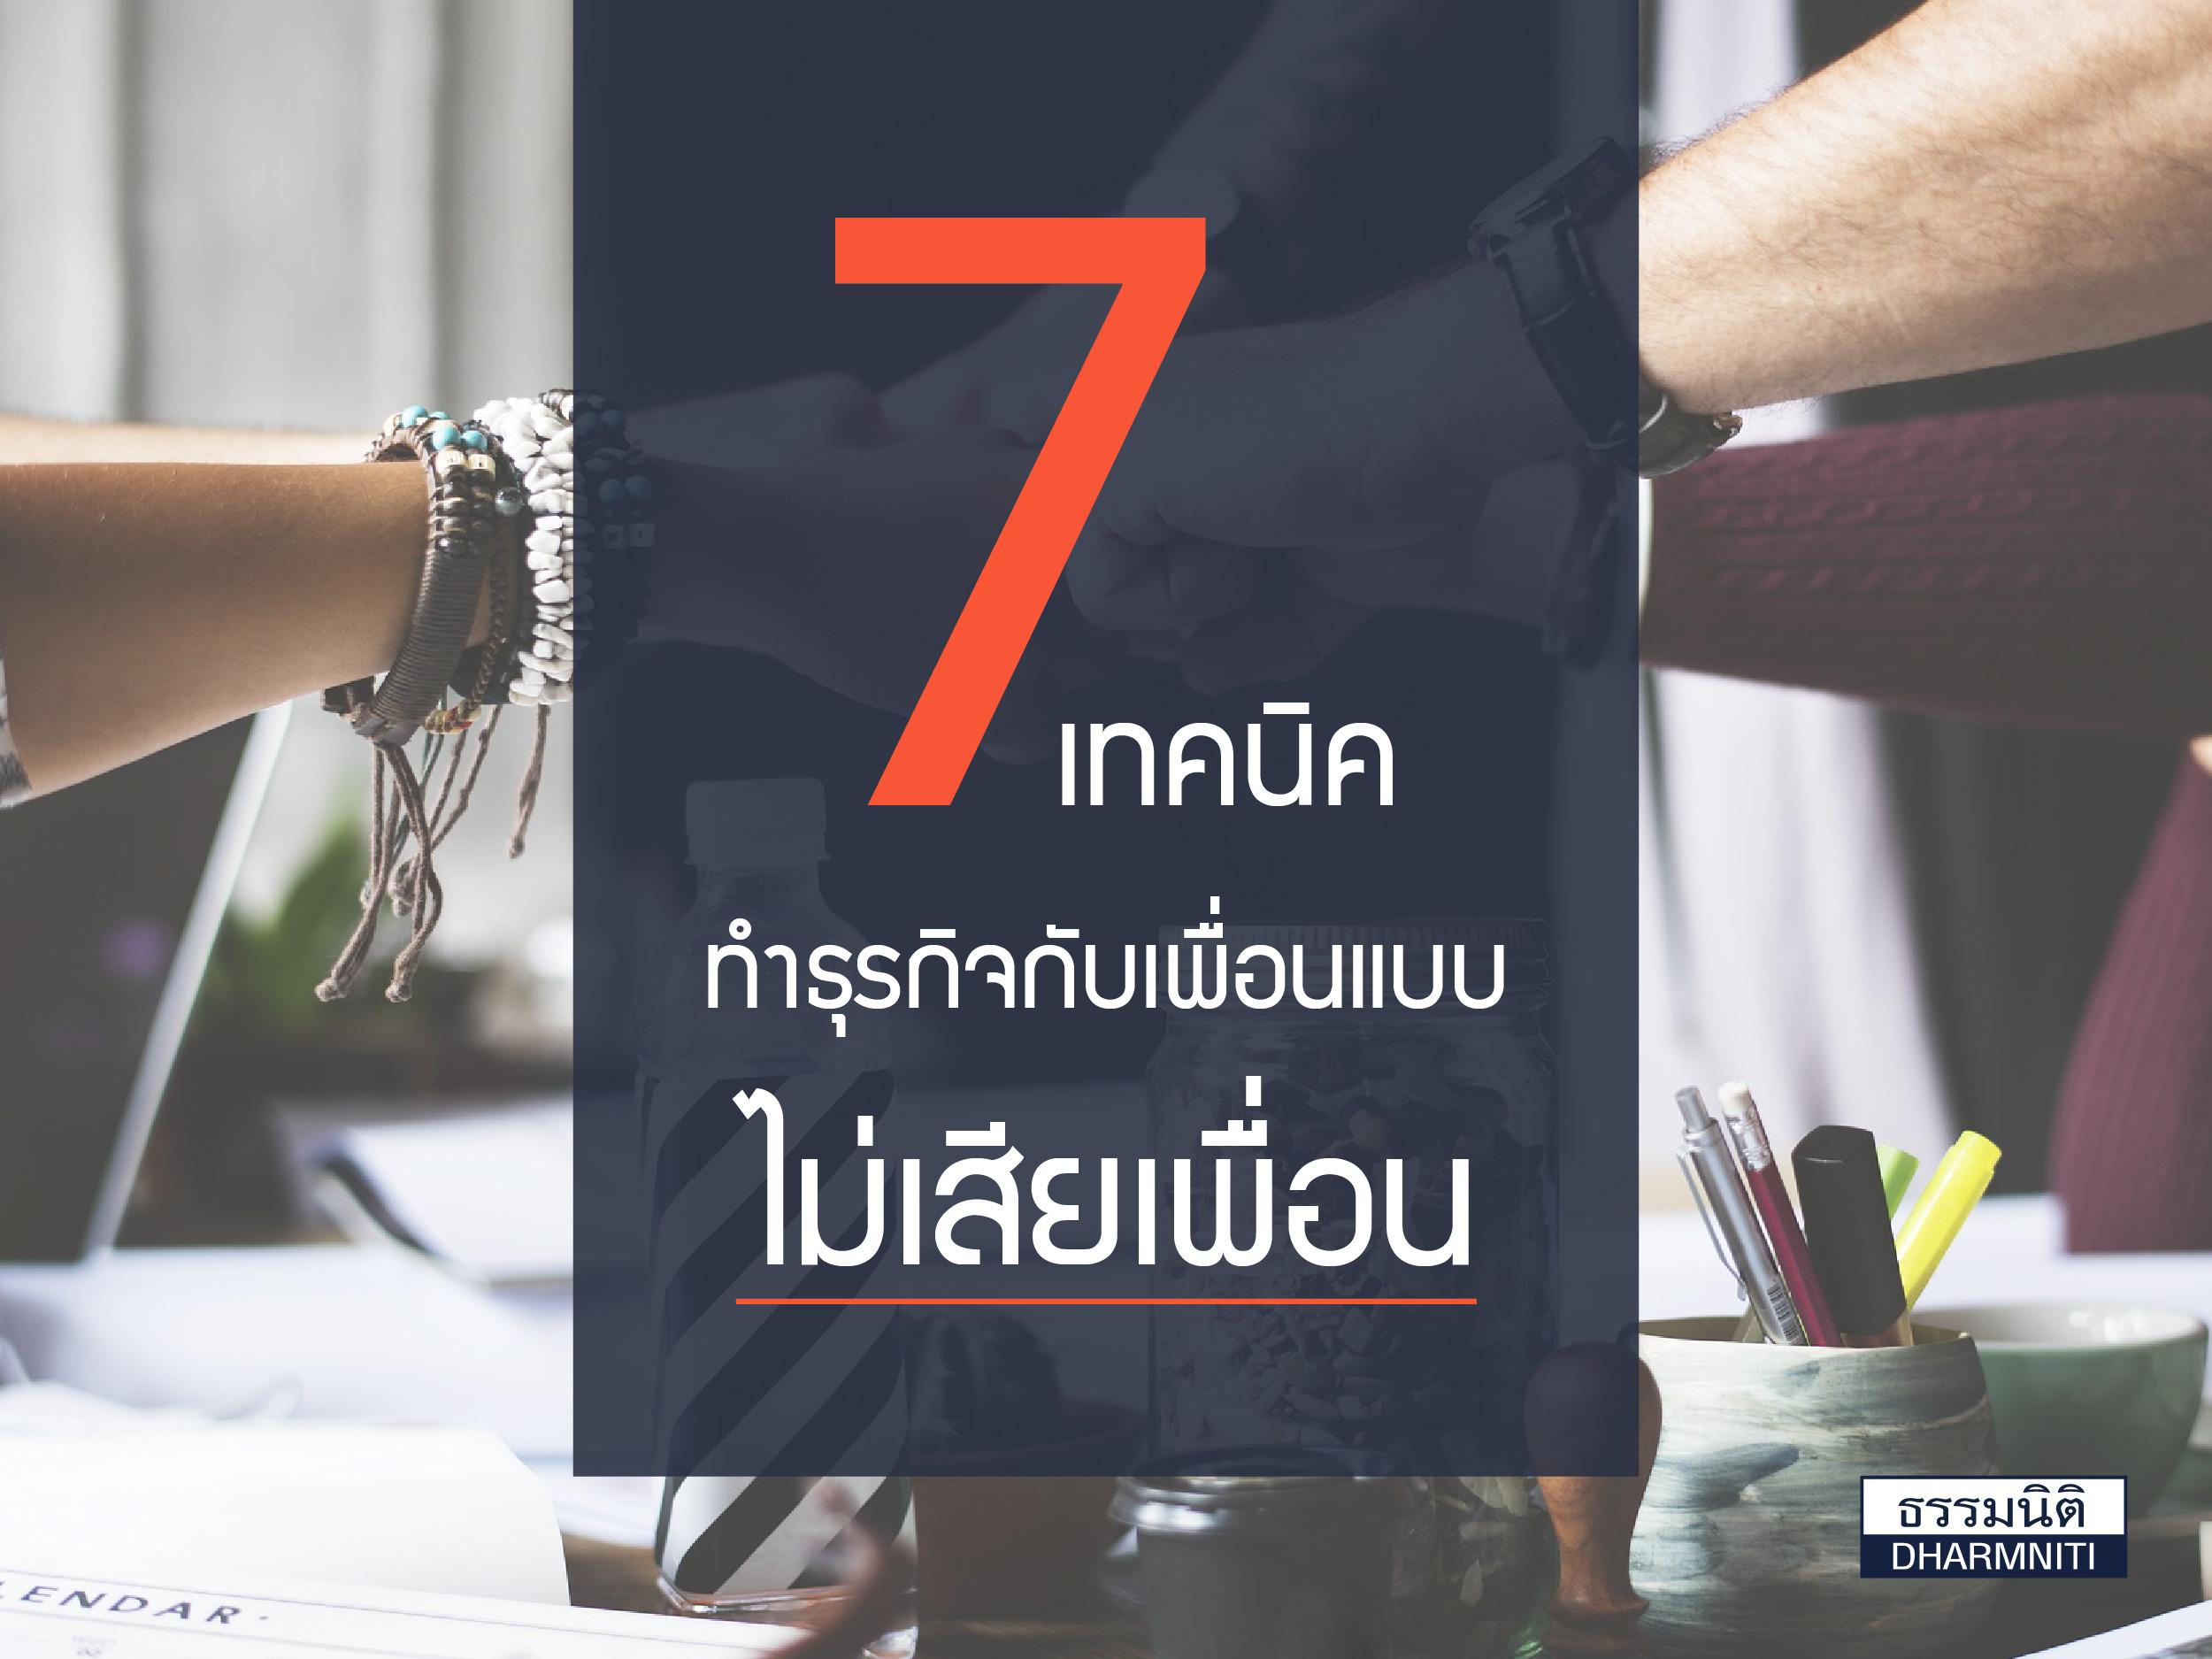 7 เทคนิคทำธุรกิจสำเร็จไม่เสียเพื่อน